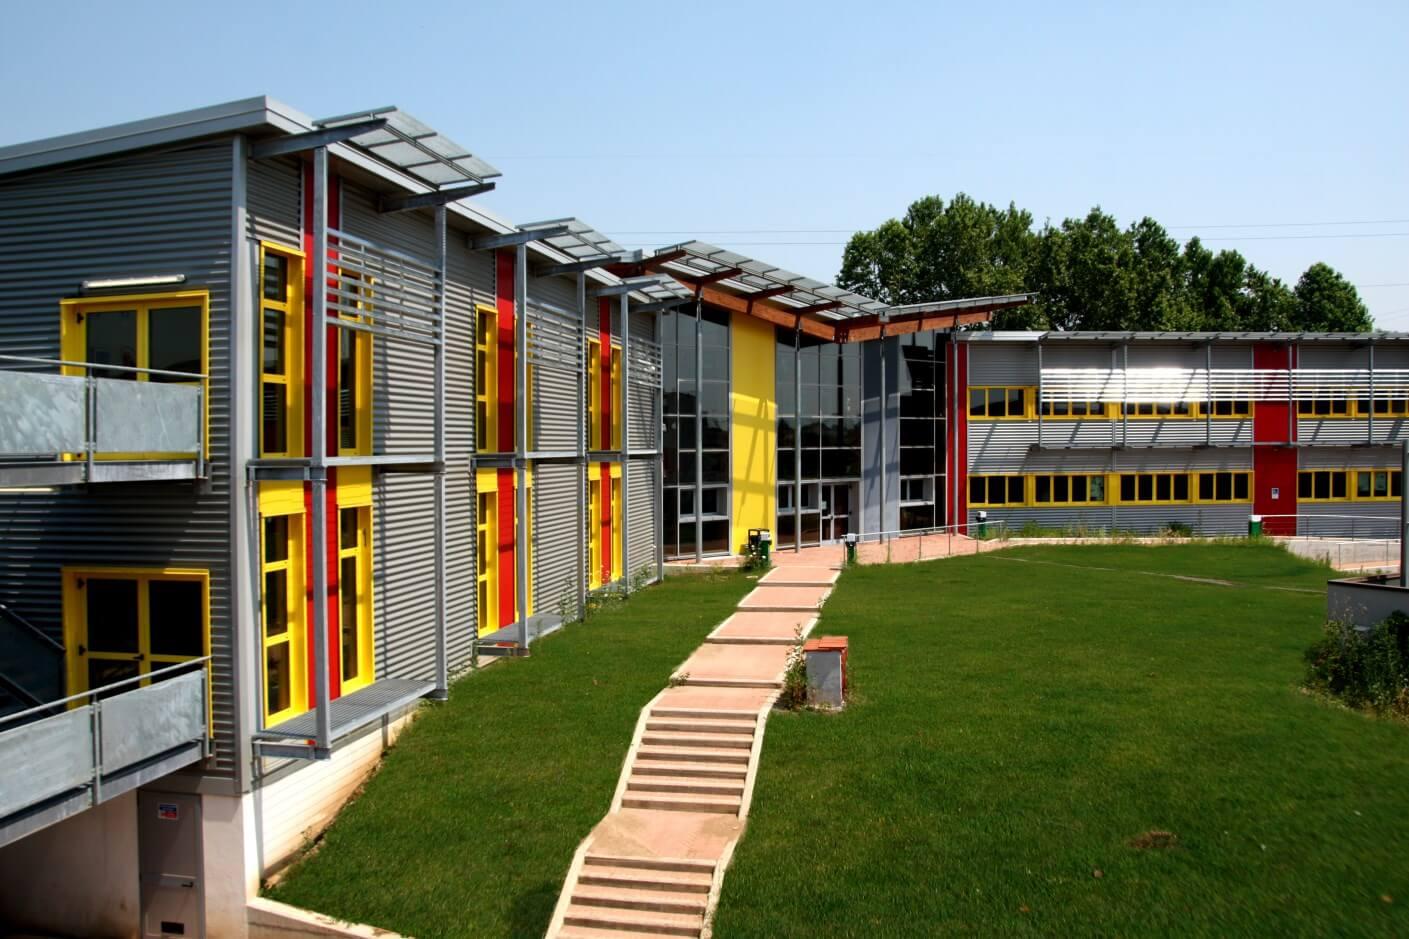 Scuole Energeticamente Efficienti: Esempi Virtuosi nel Mondo